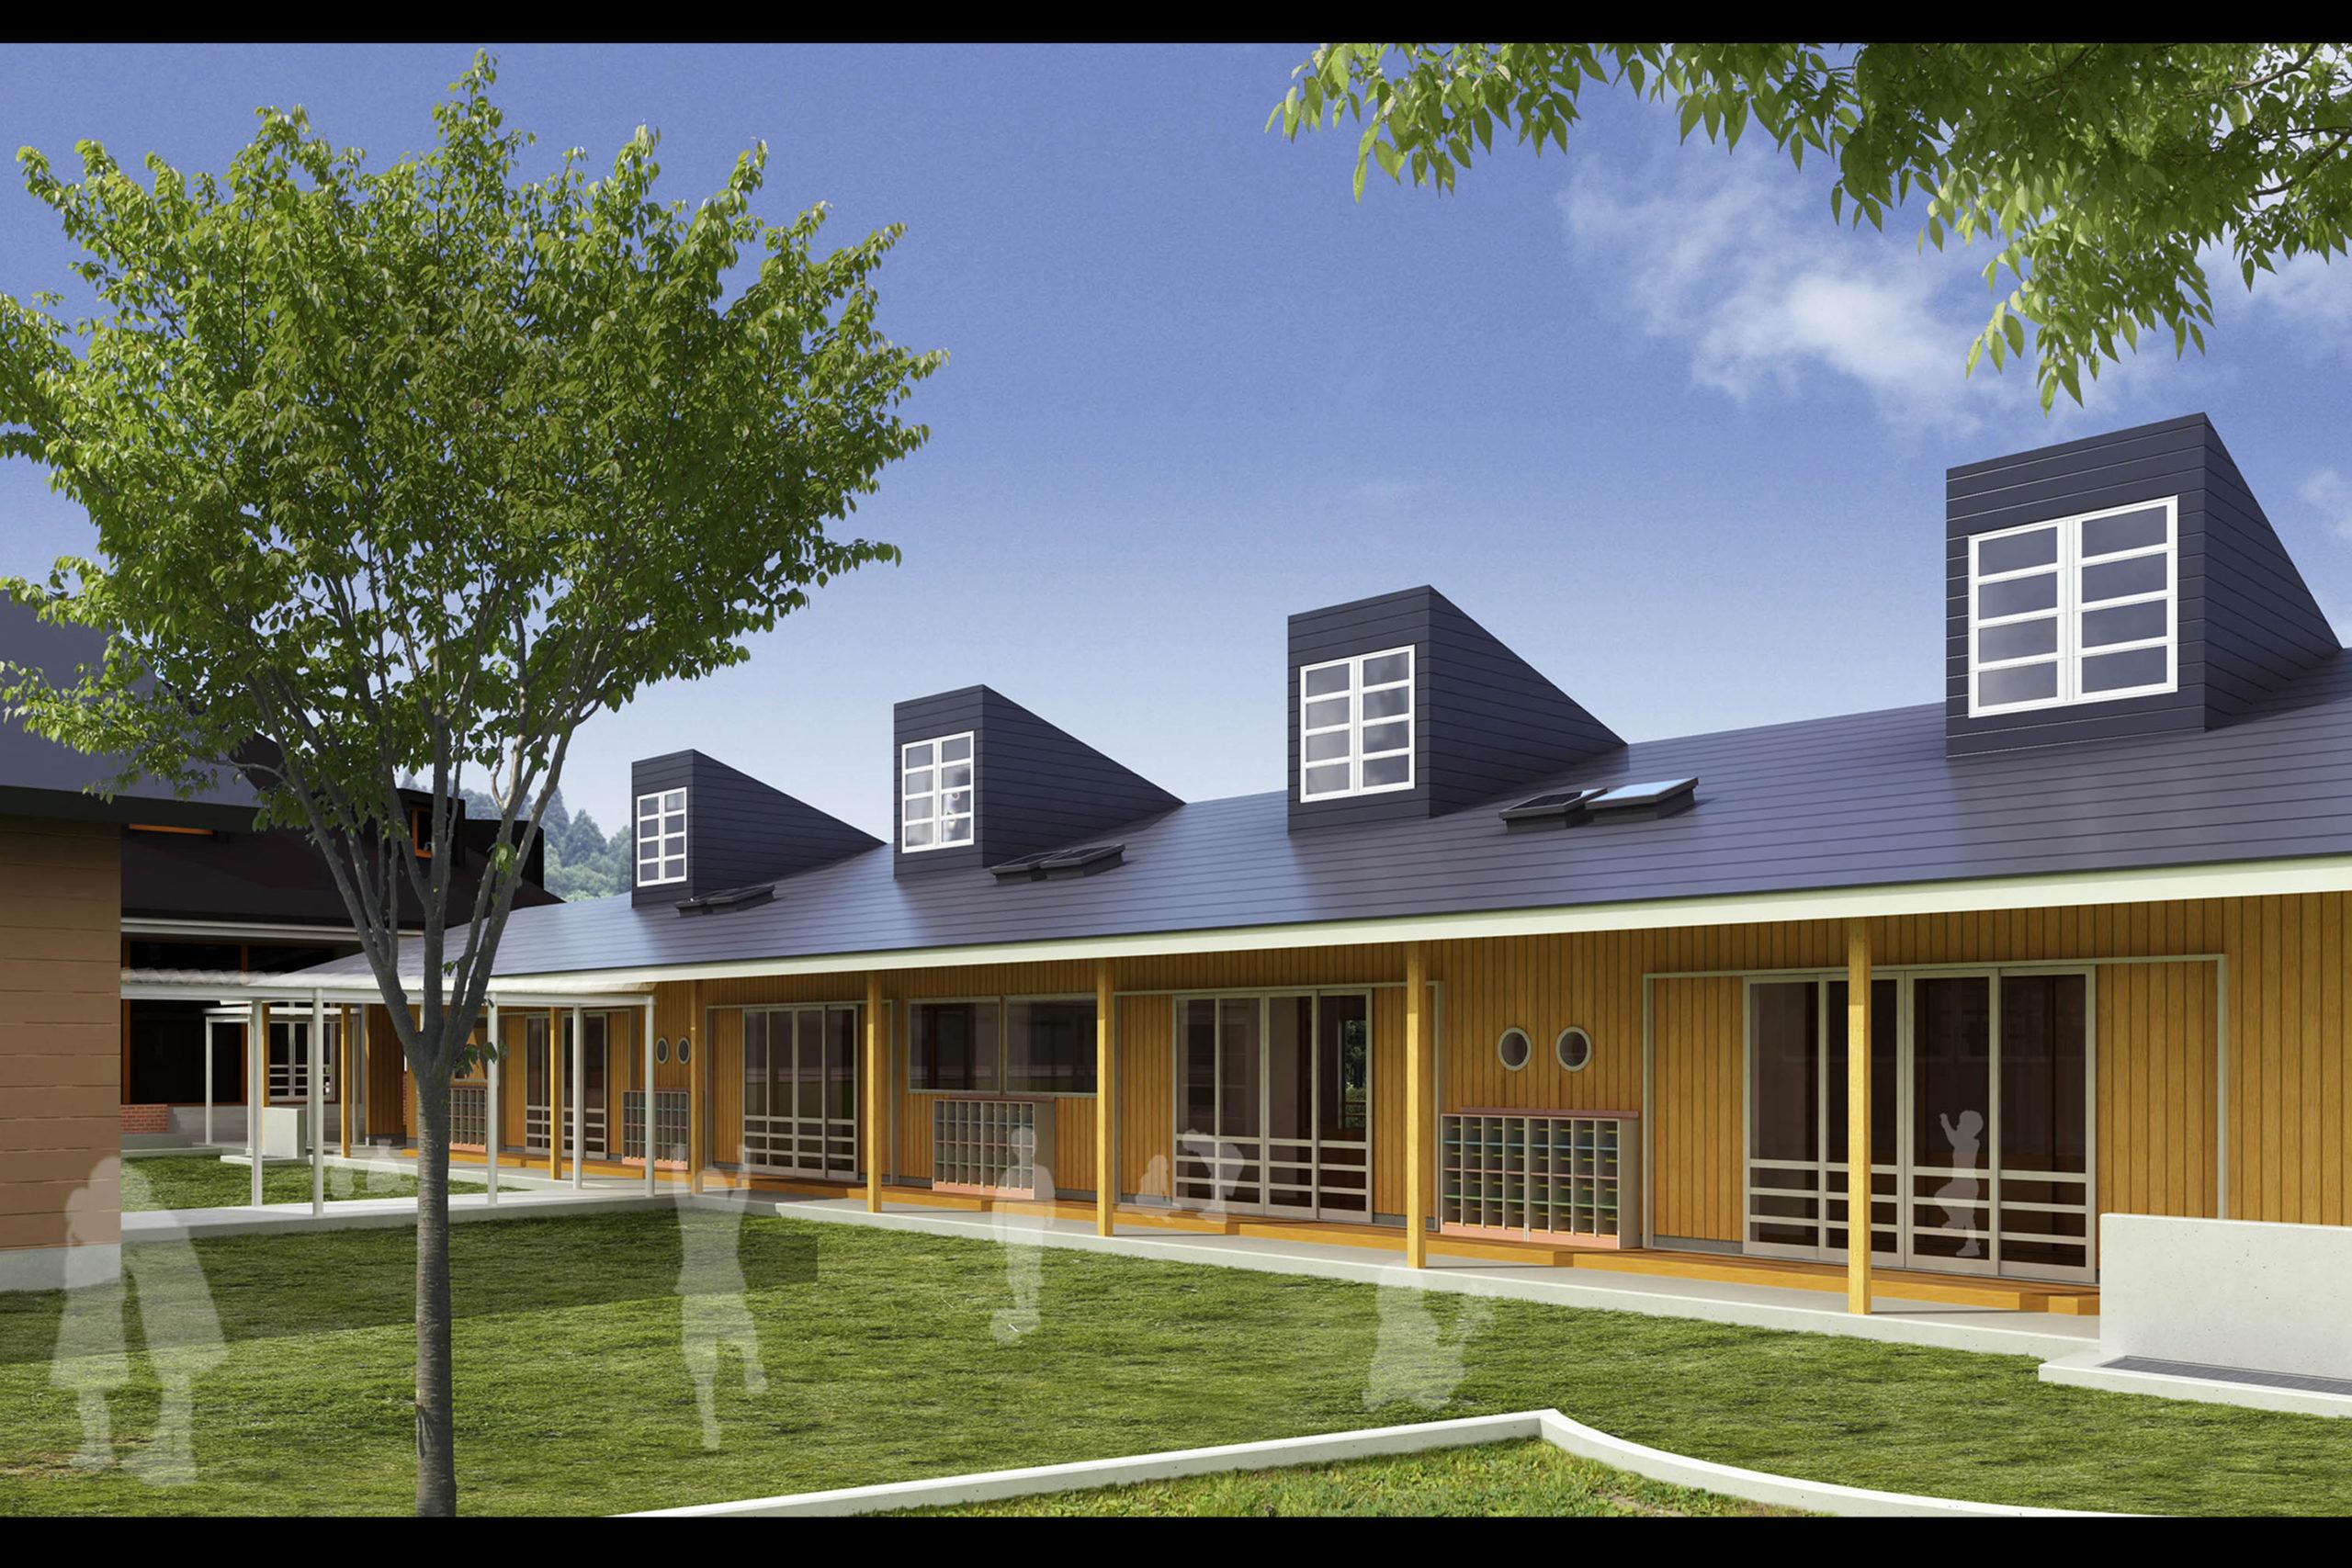 一級建築士事務所村上設計研究所のスライドイメージ5枚目